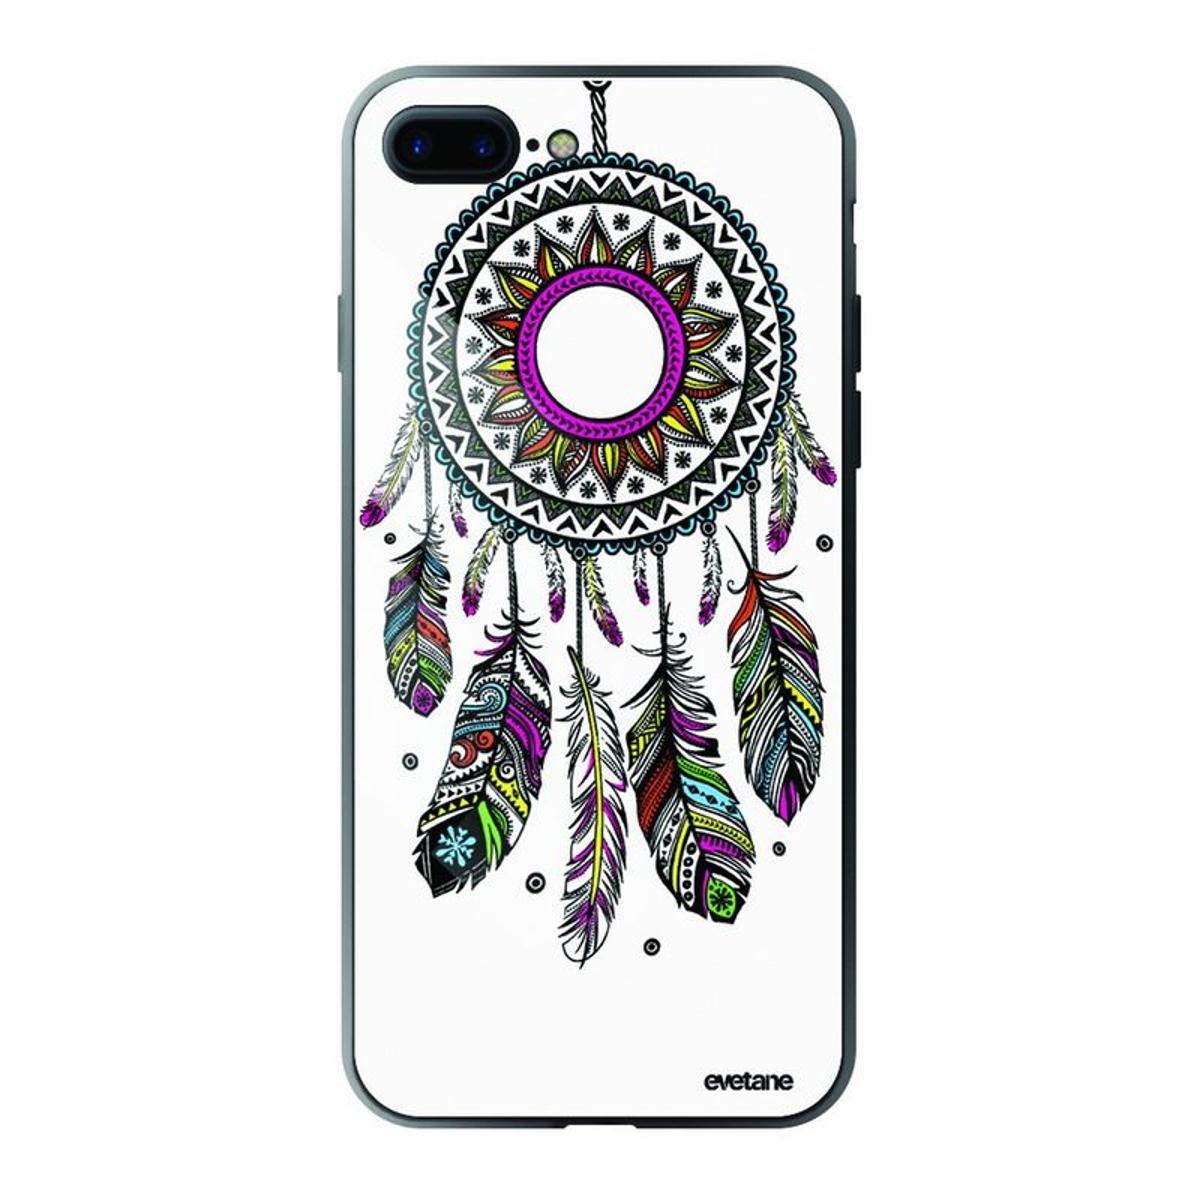 Coque iPhone 7 Plus / 8 Plus verre trempé bord noir, Attrape rêve, Evetane®